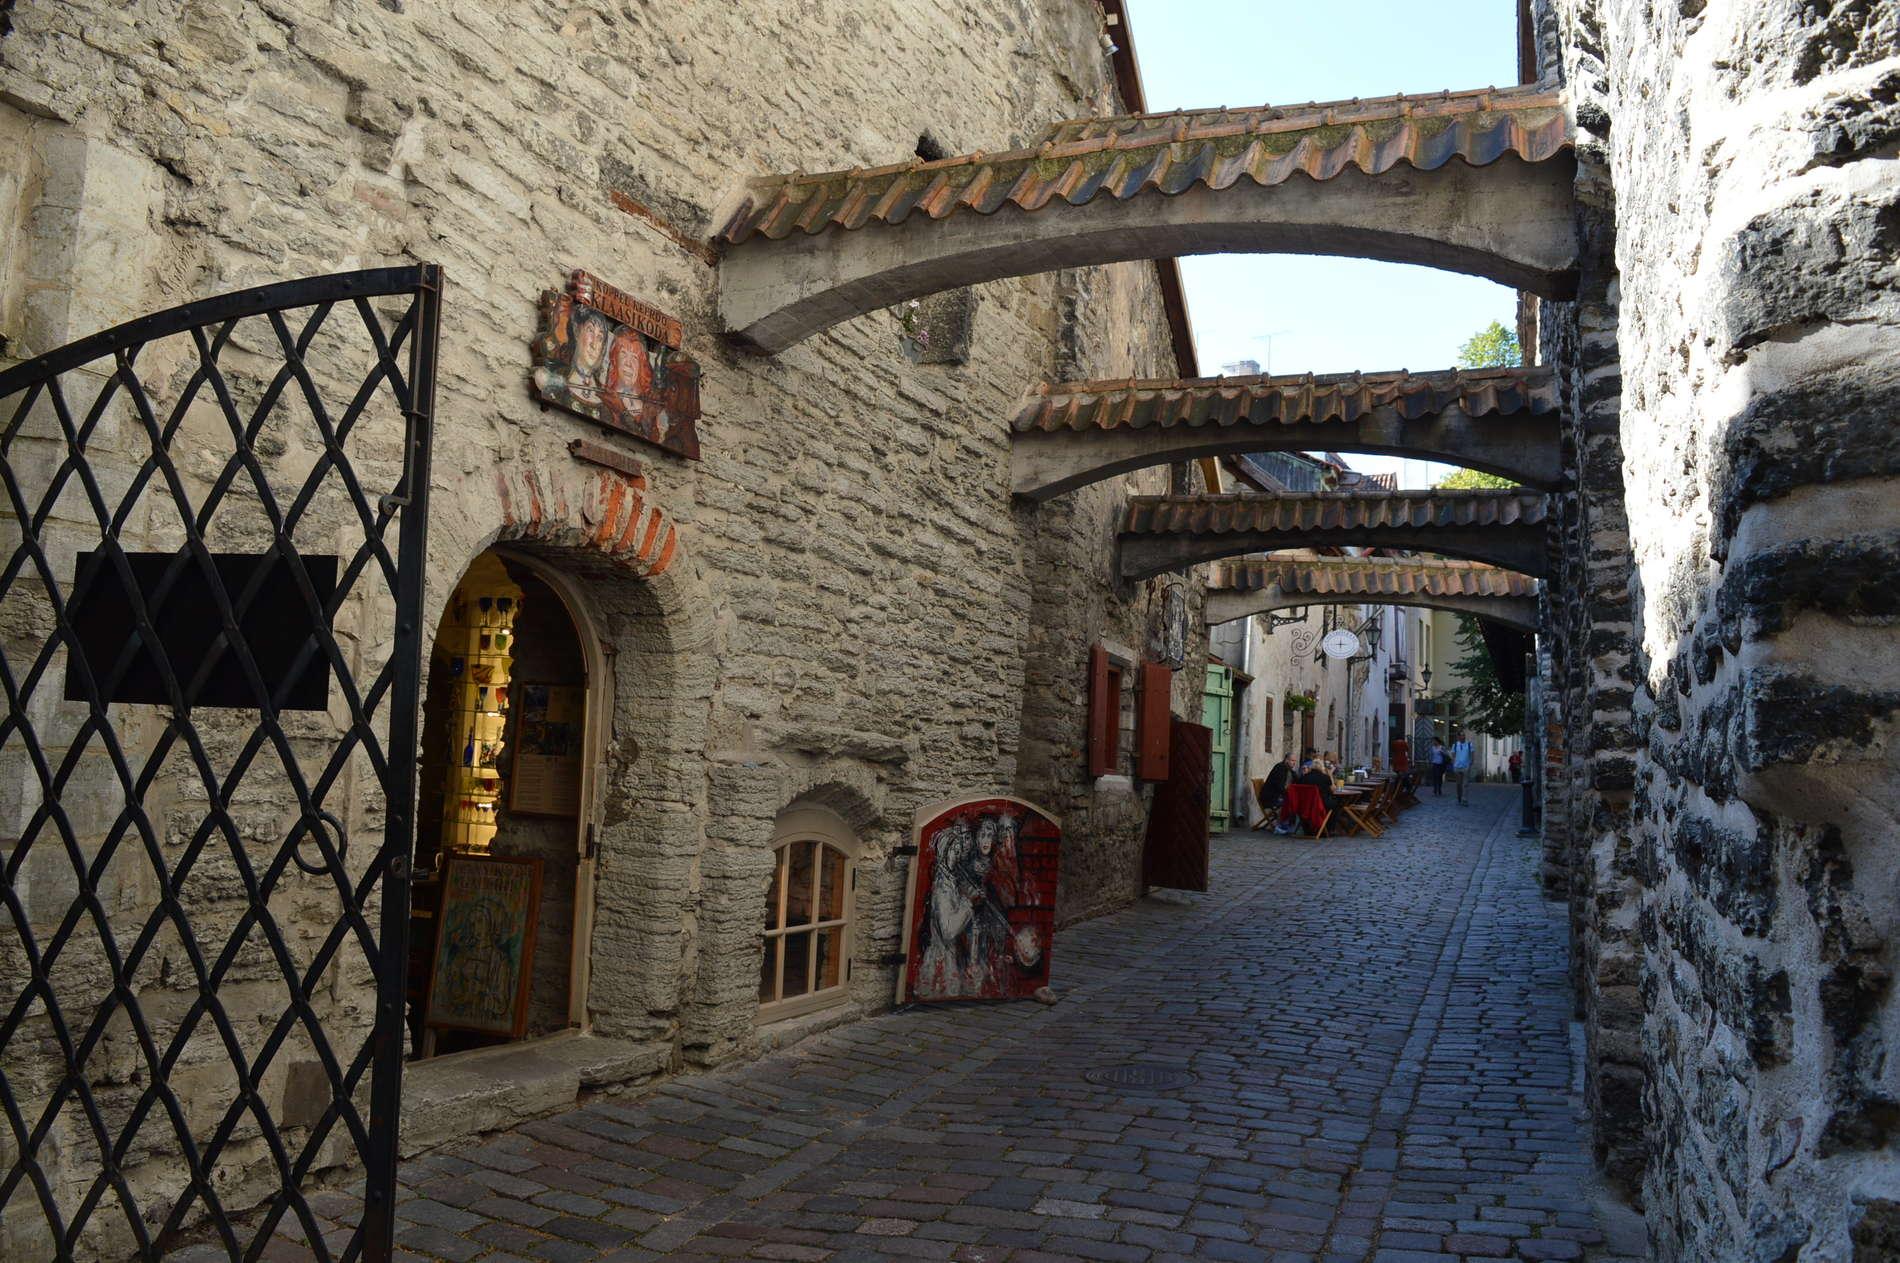 St. Catherine's Passage (Katariina Käik) in Tallinn, Estonia